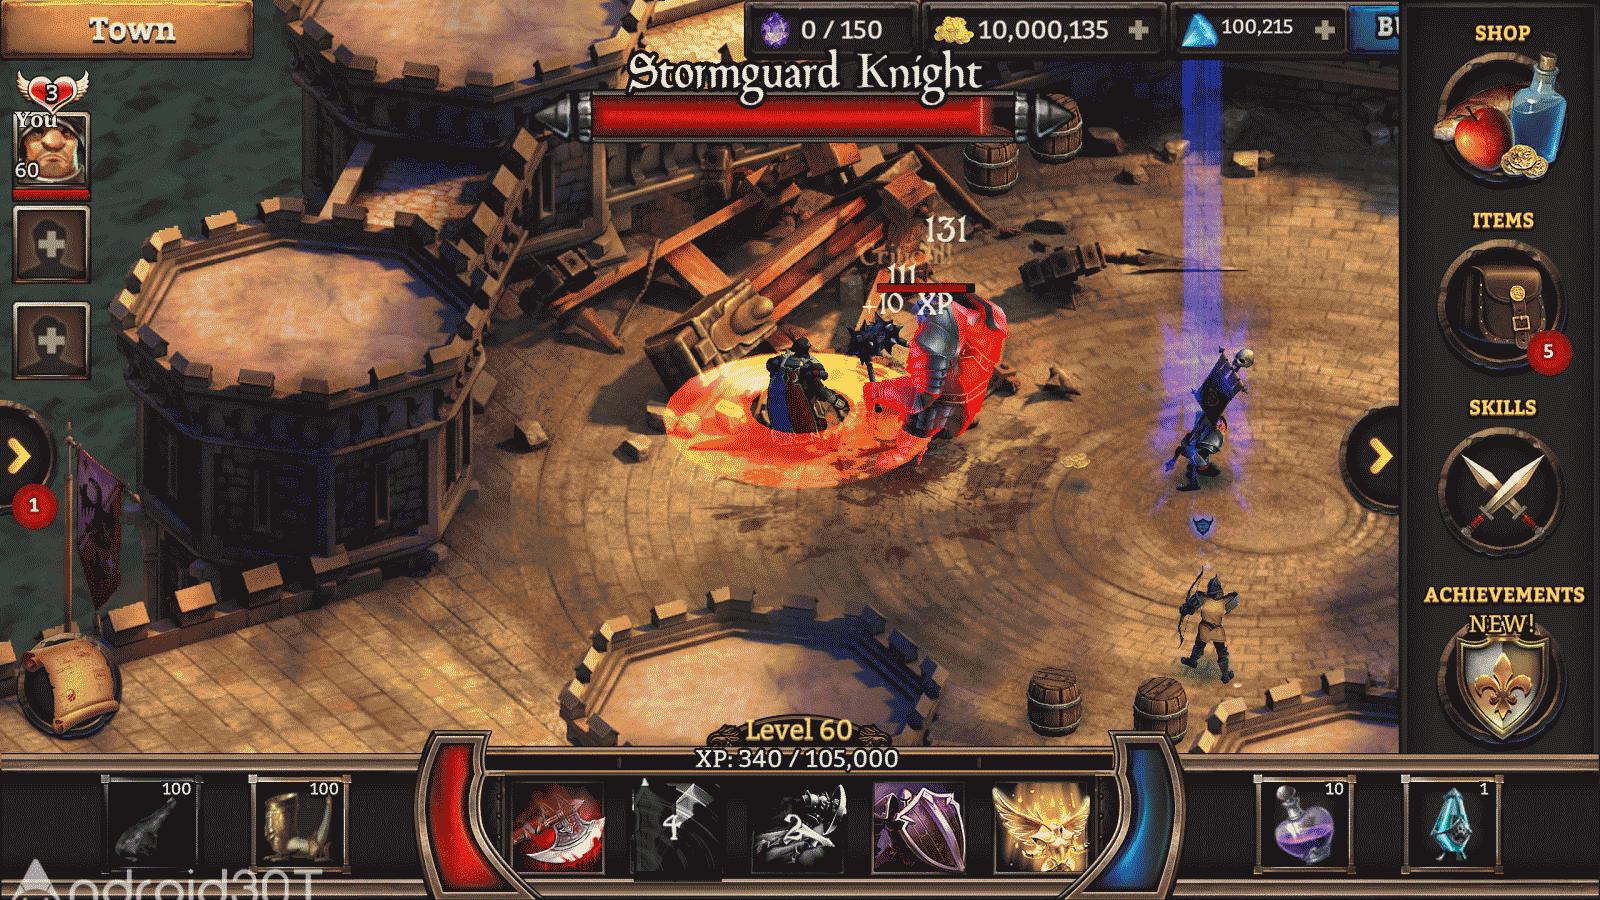 دانلود KingsRoad 7.9.1 – بازی نقش آفرینی مسیر پادشاهان اندروید